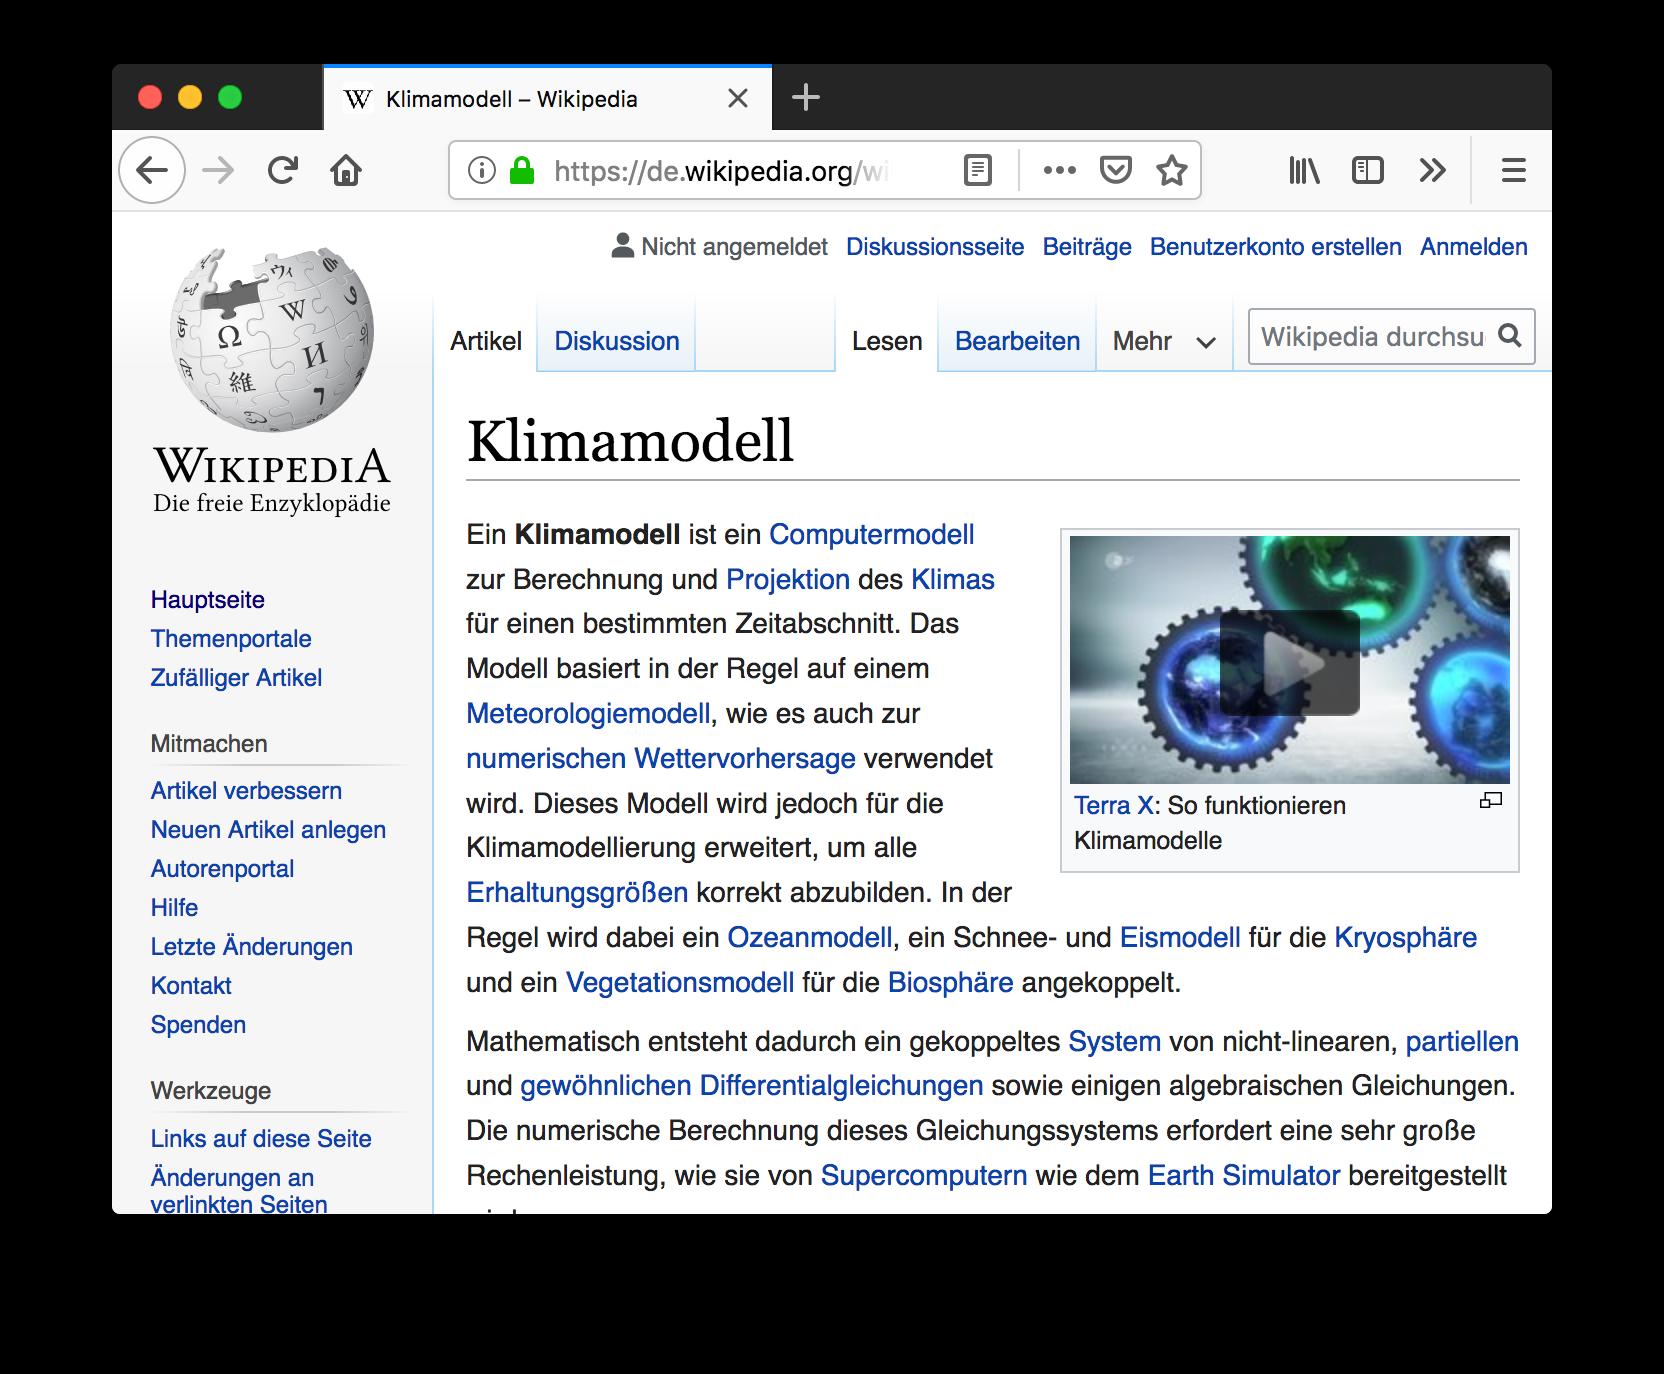 """Screenshot Wikipedia-Seite zu """"Klimamodell"""" mit eingebettetem Video von Terra X"""